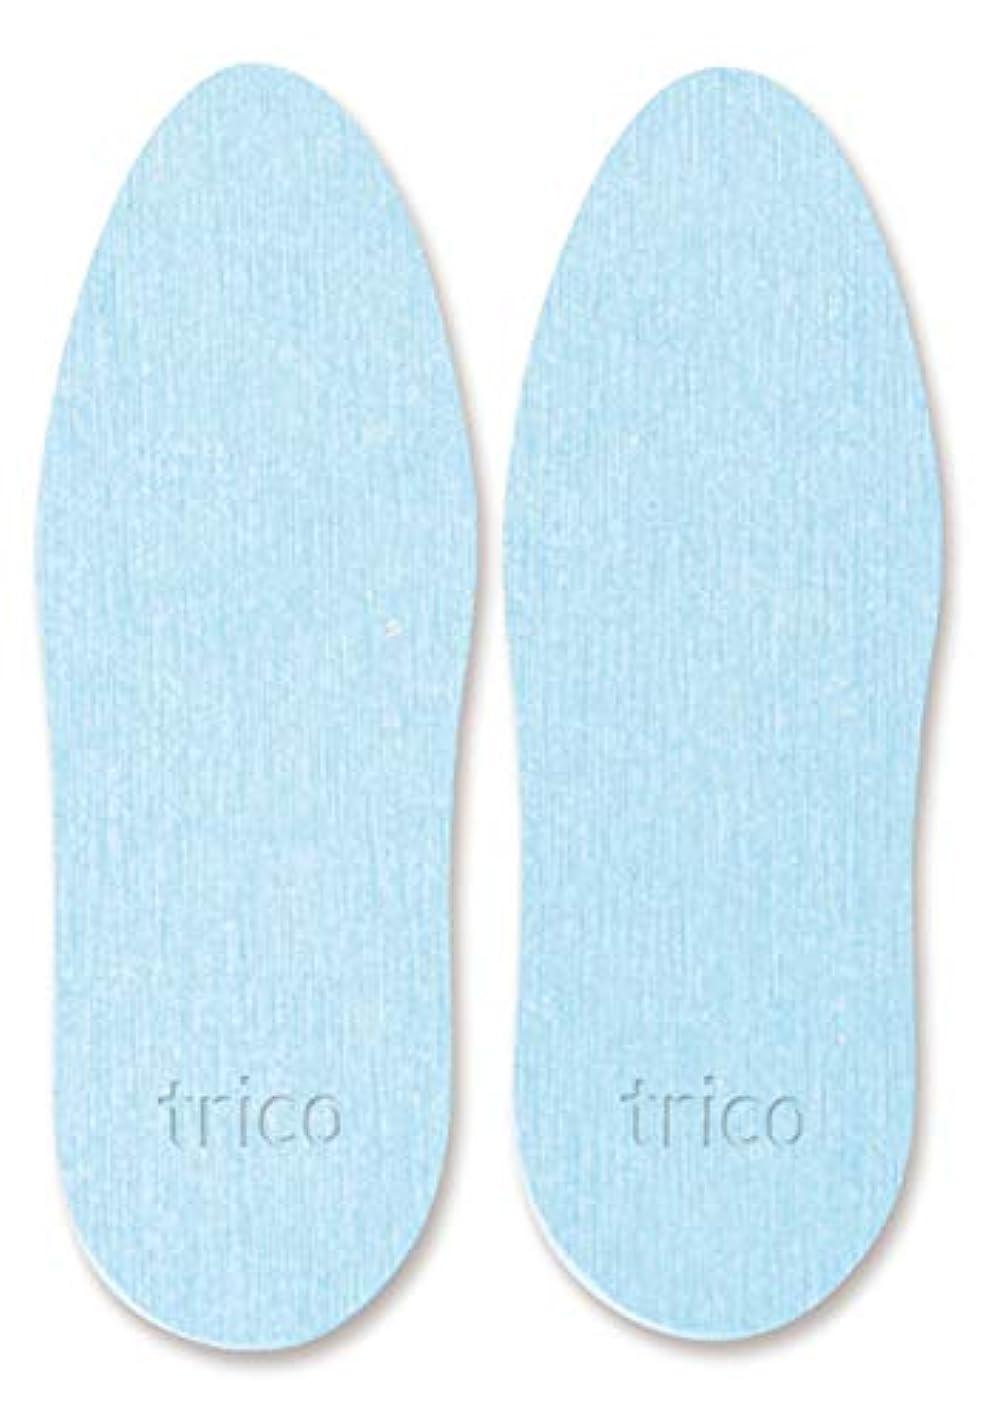 ビルダー漫画かかわらずtrico 靴の消臭 珪藻土 シューズドライプレート ブルー CTZ-18-02